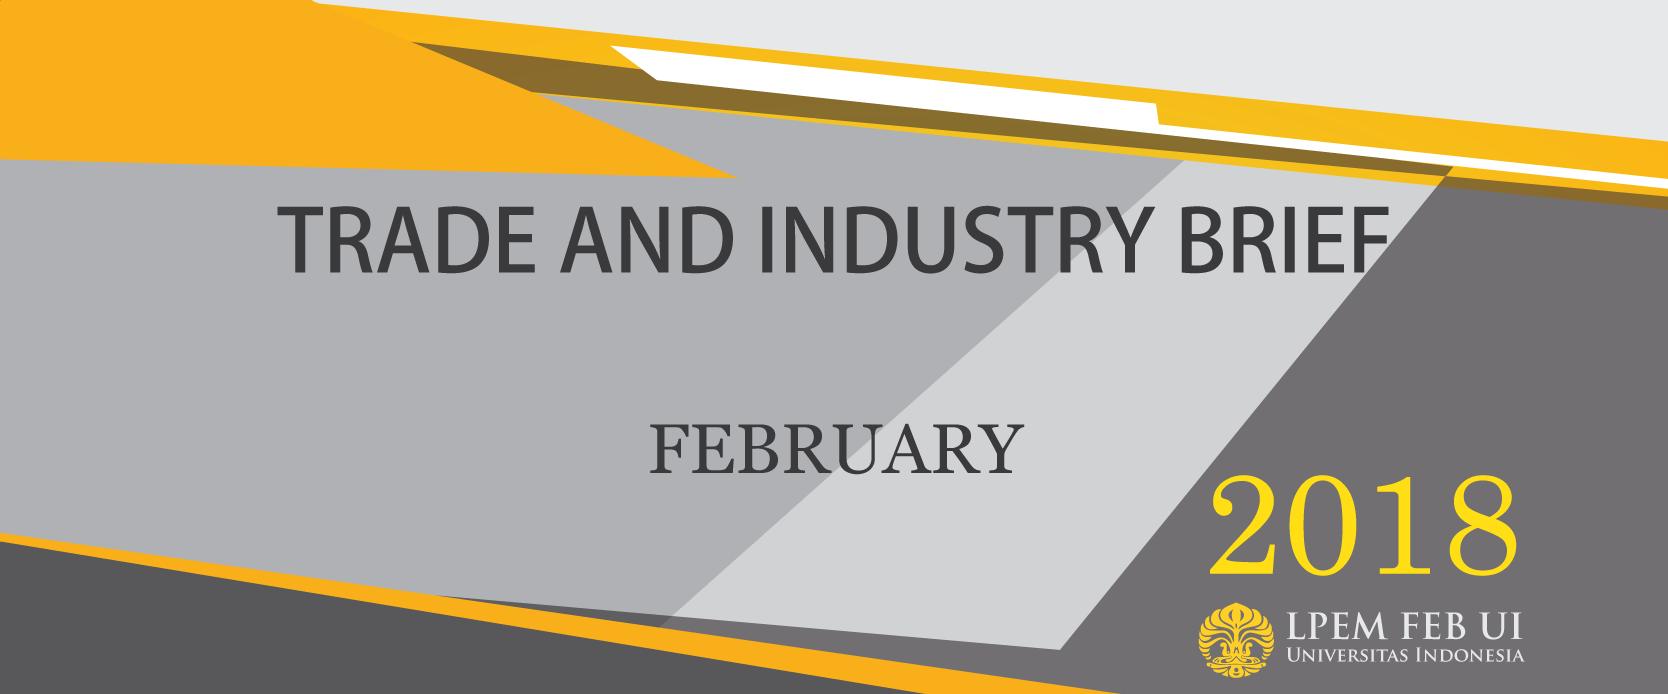 SERI ANALISIS EKONOMI: TRADE AND INDUSTRY BRIEF, Februari 2018